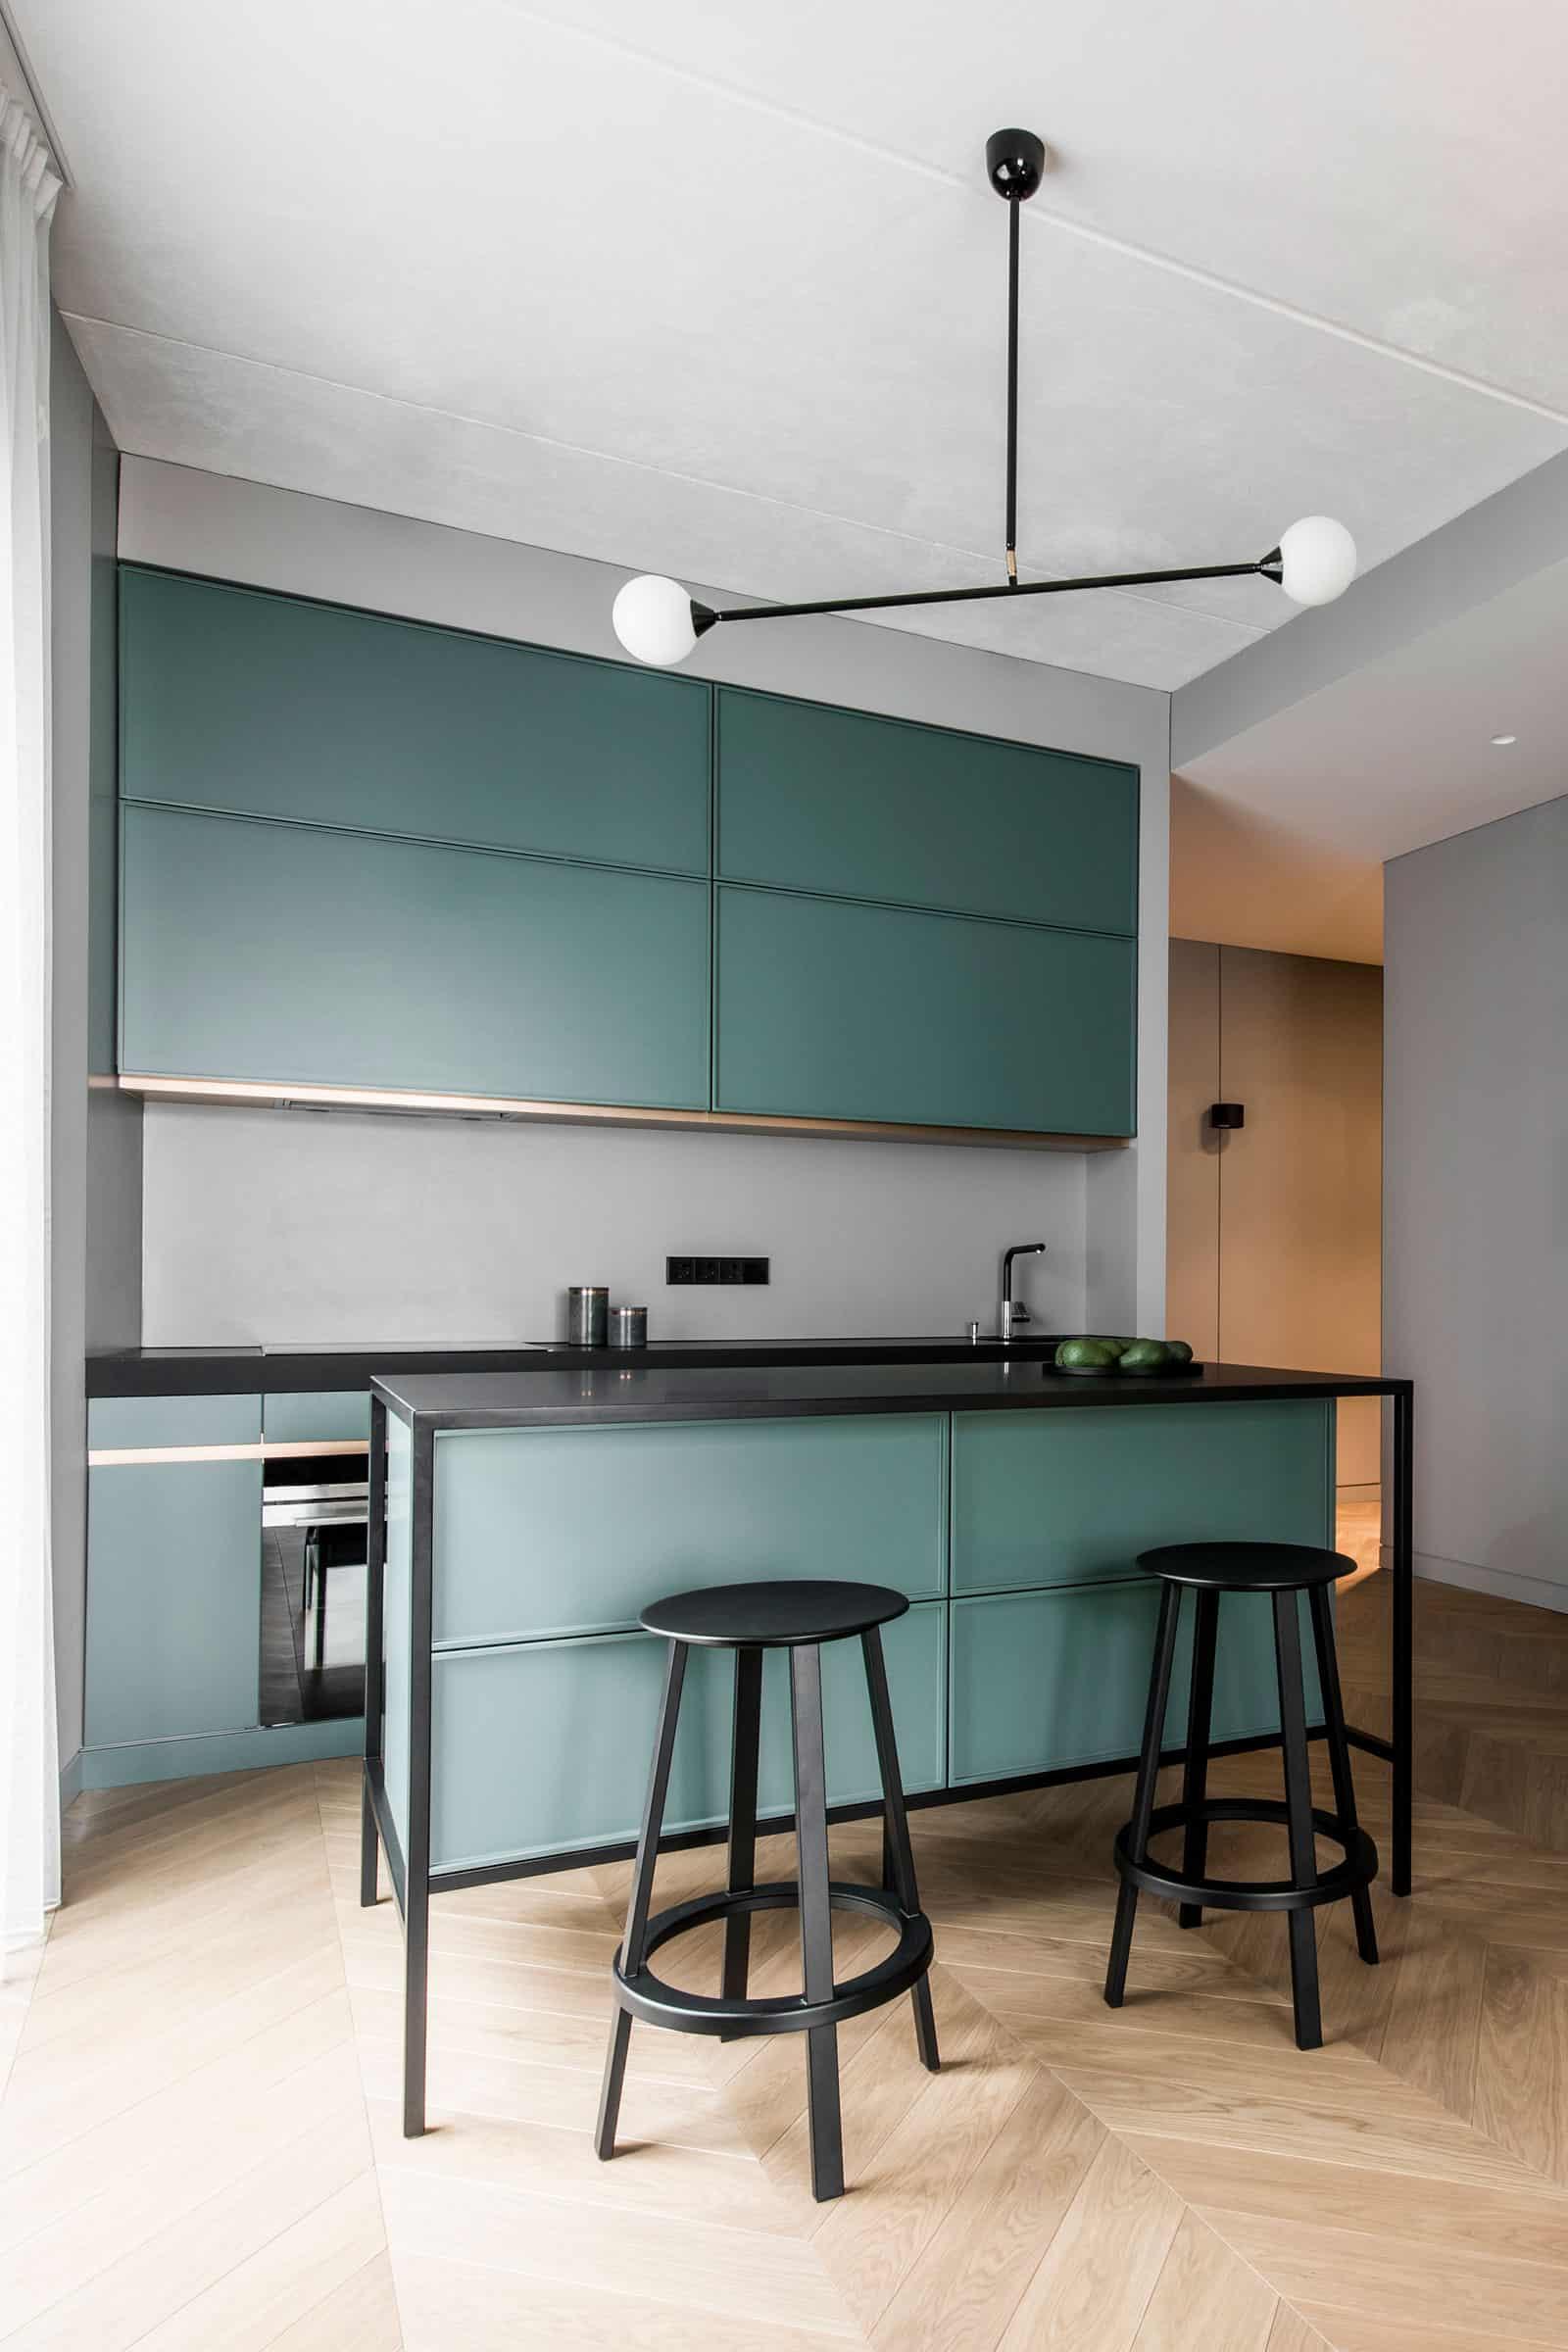 Apartment-interior-in-Basanavicius-street-06